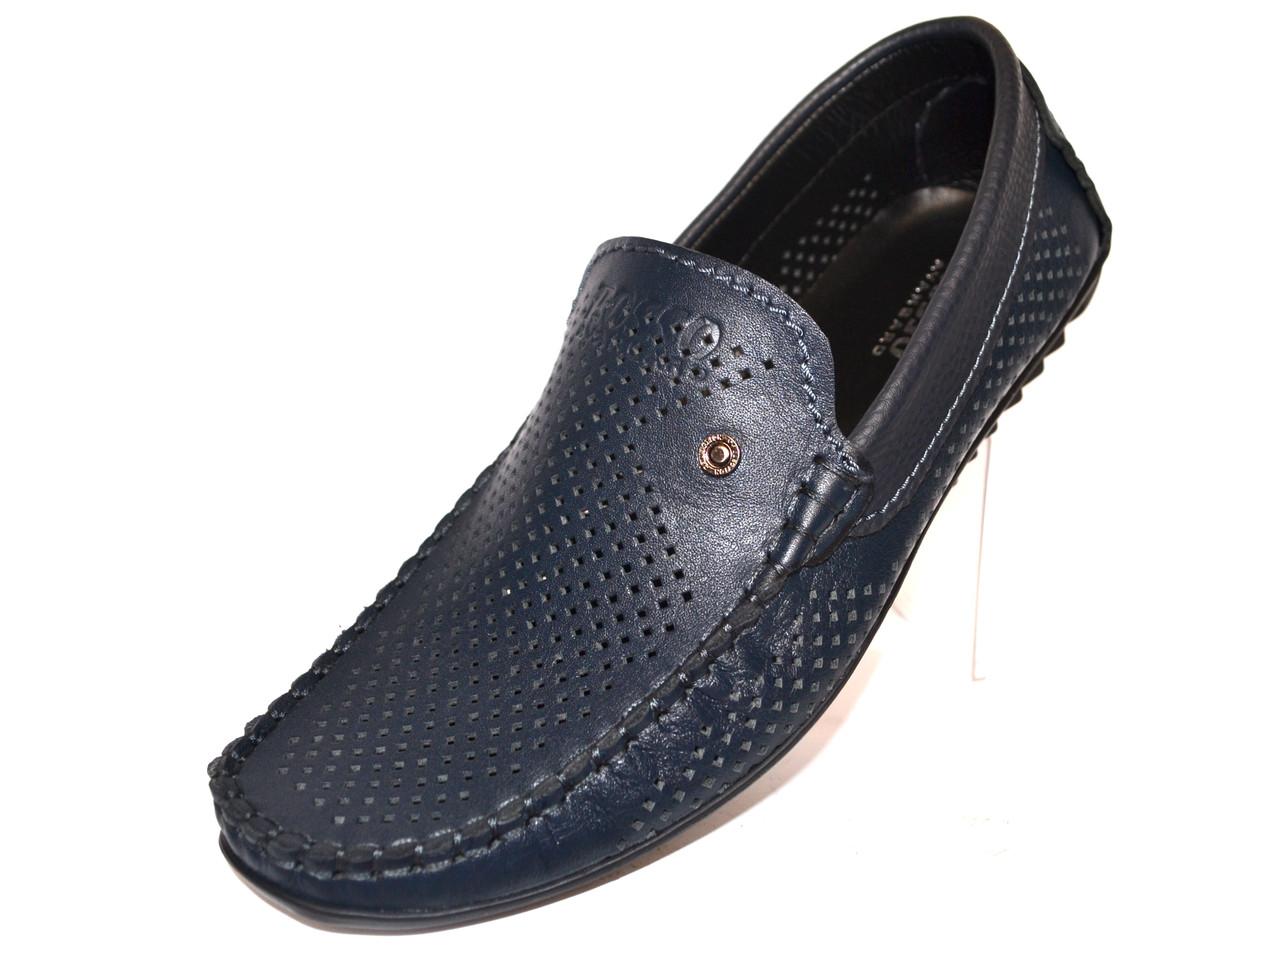 Летние мужские мокасины кожаные перфорированные синие летняя обувь Rosso Avangard Alberto PerfBlu